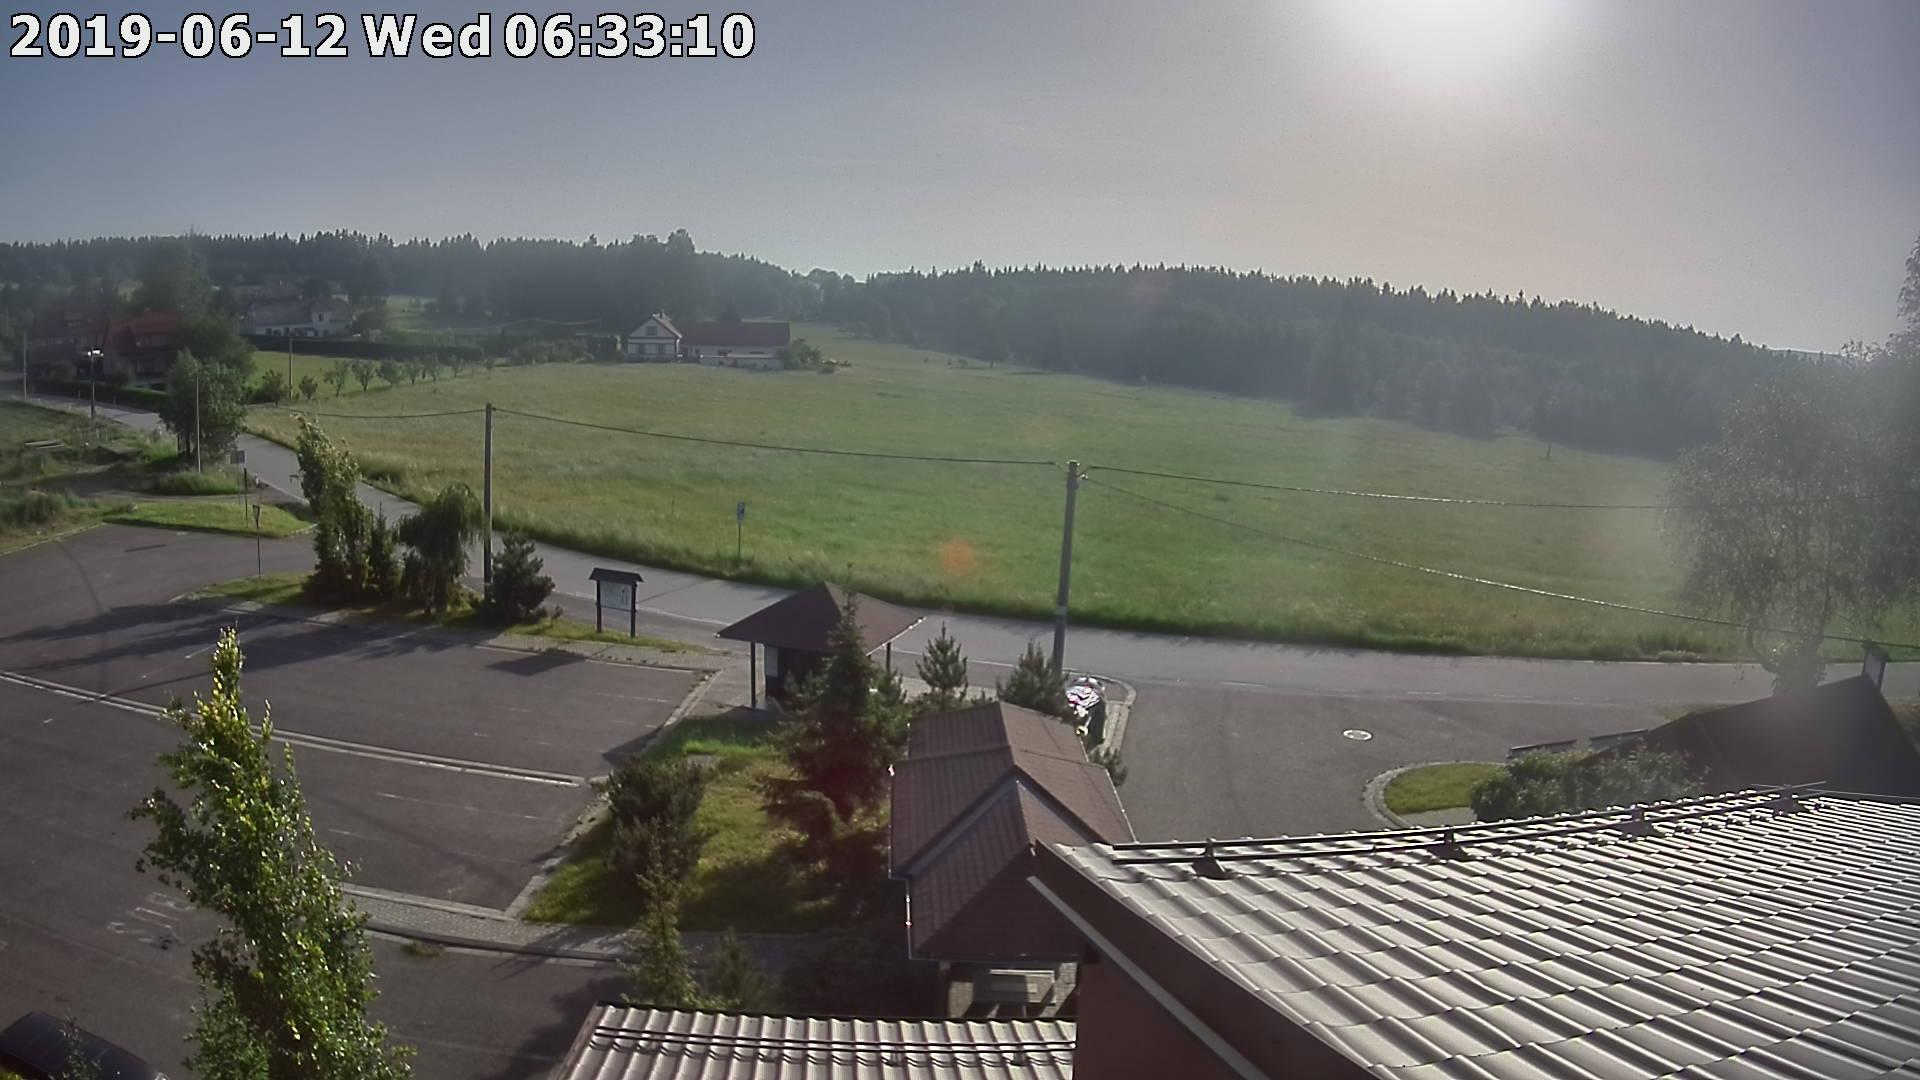 Webkamera ze dne 2019-06-12